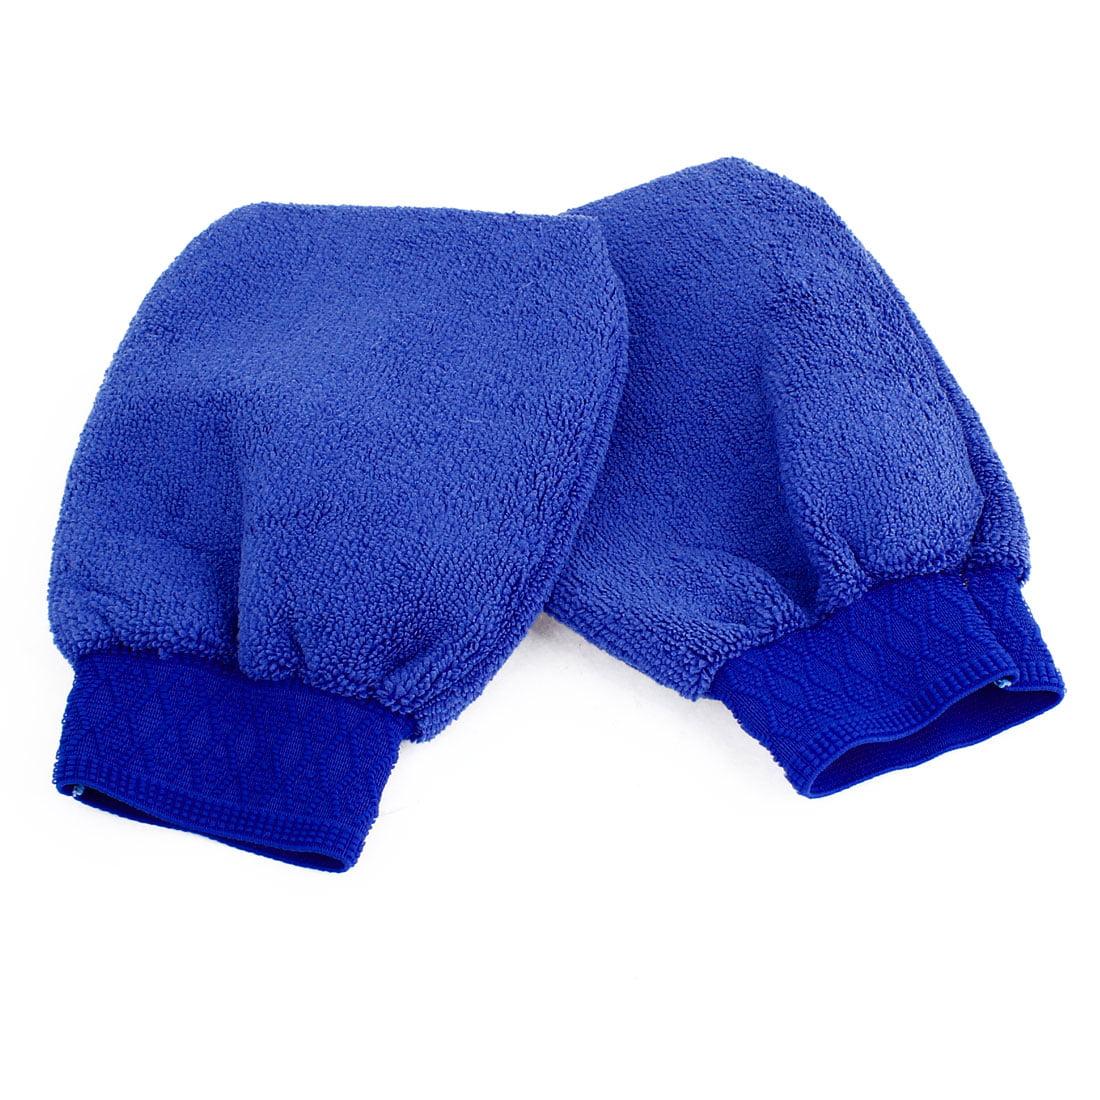 Protective Car Wash Glove Anti Scratch w Elastic Cuff for Auto Car Blue